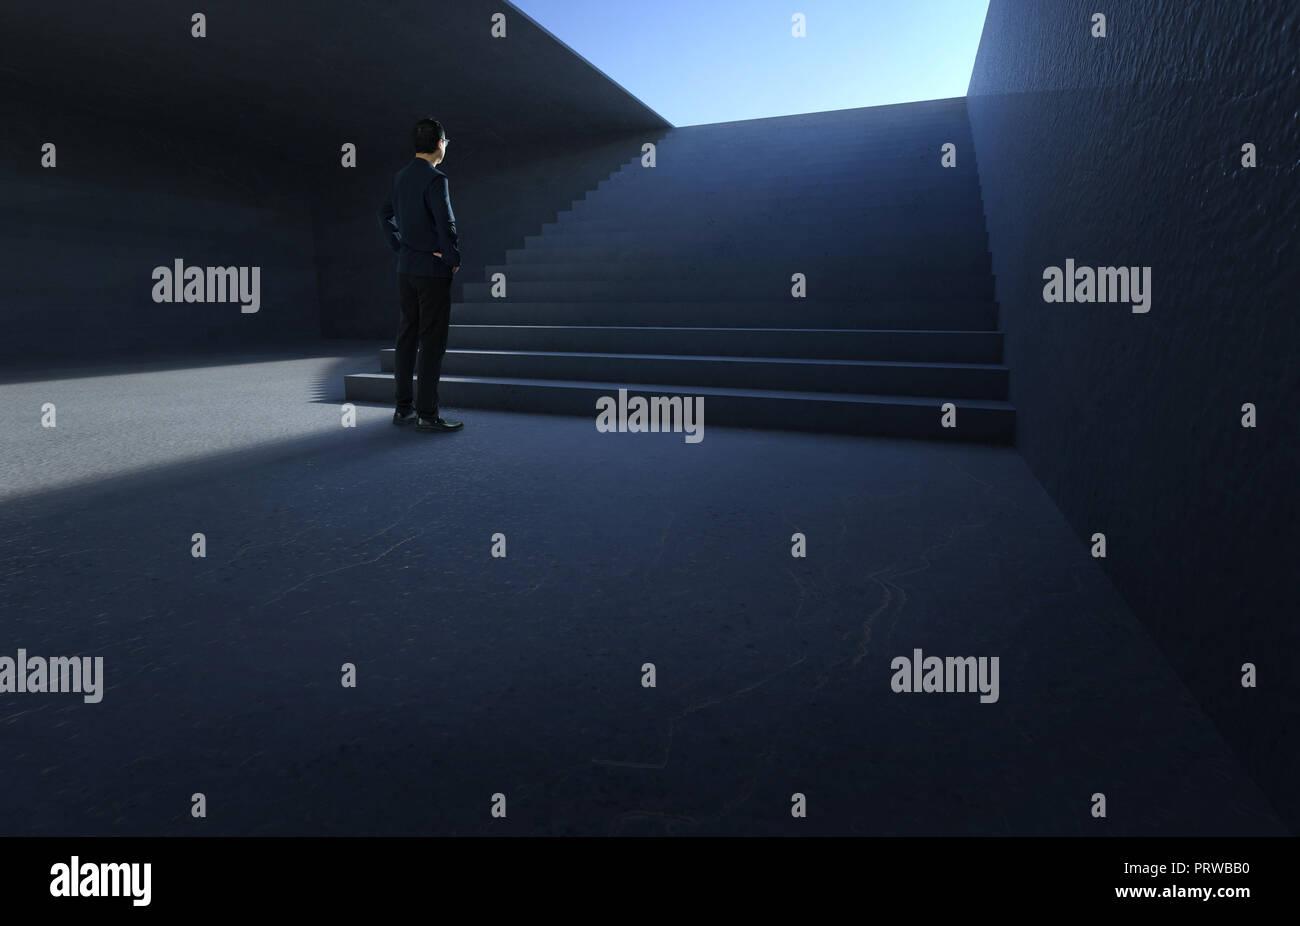 Imprenditore cercando e pensando a fronte di un calcestruzzo scale in metropolitana . Immagini Stock